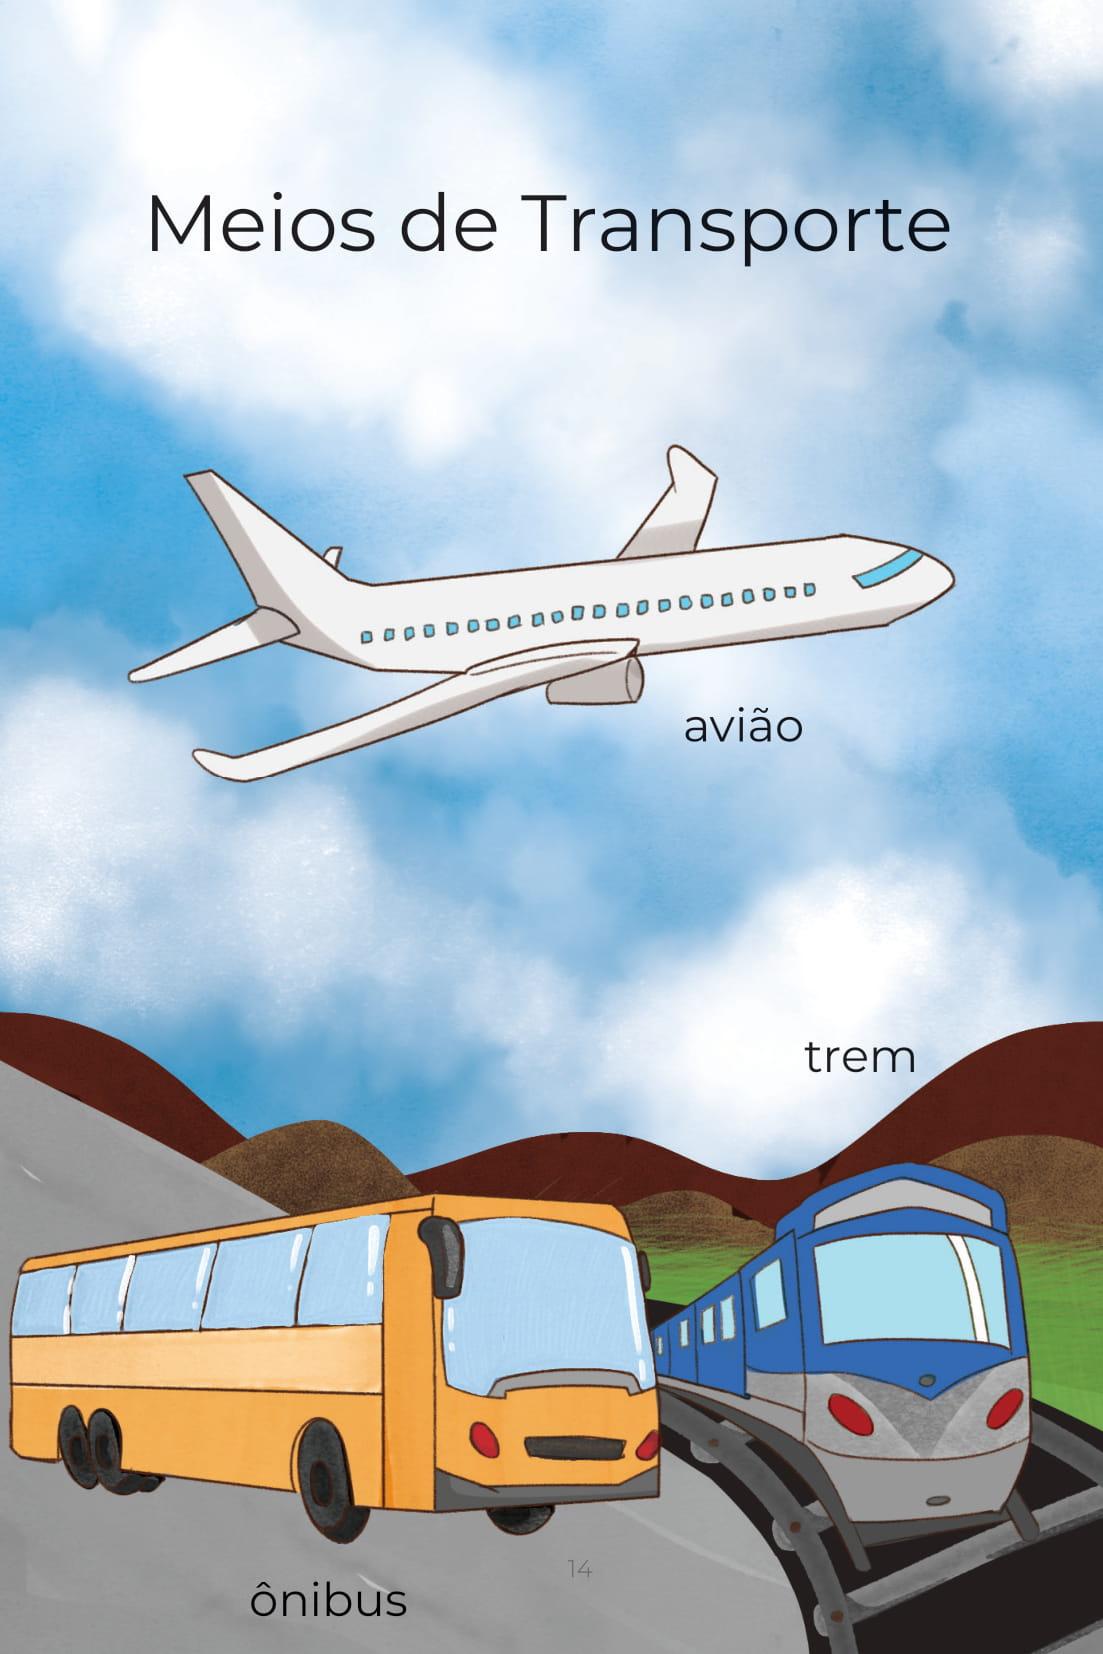 Meios de Transporte avião trem ônibus